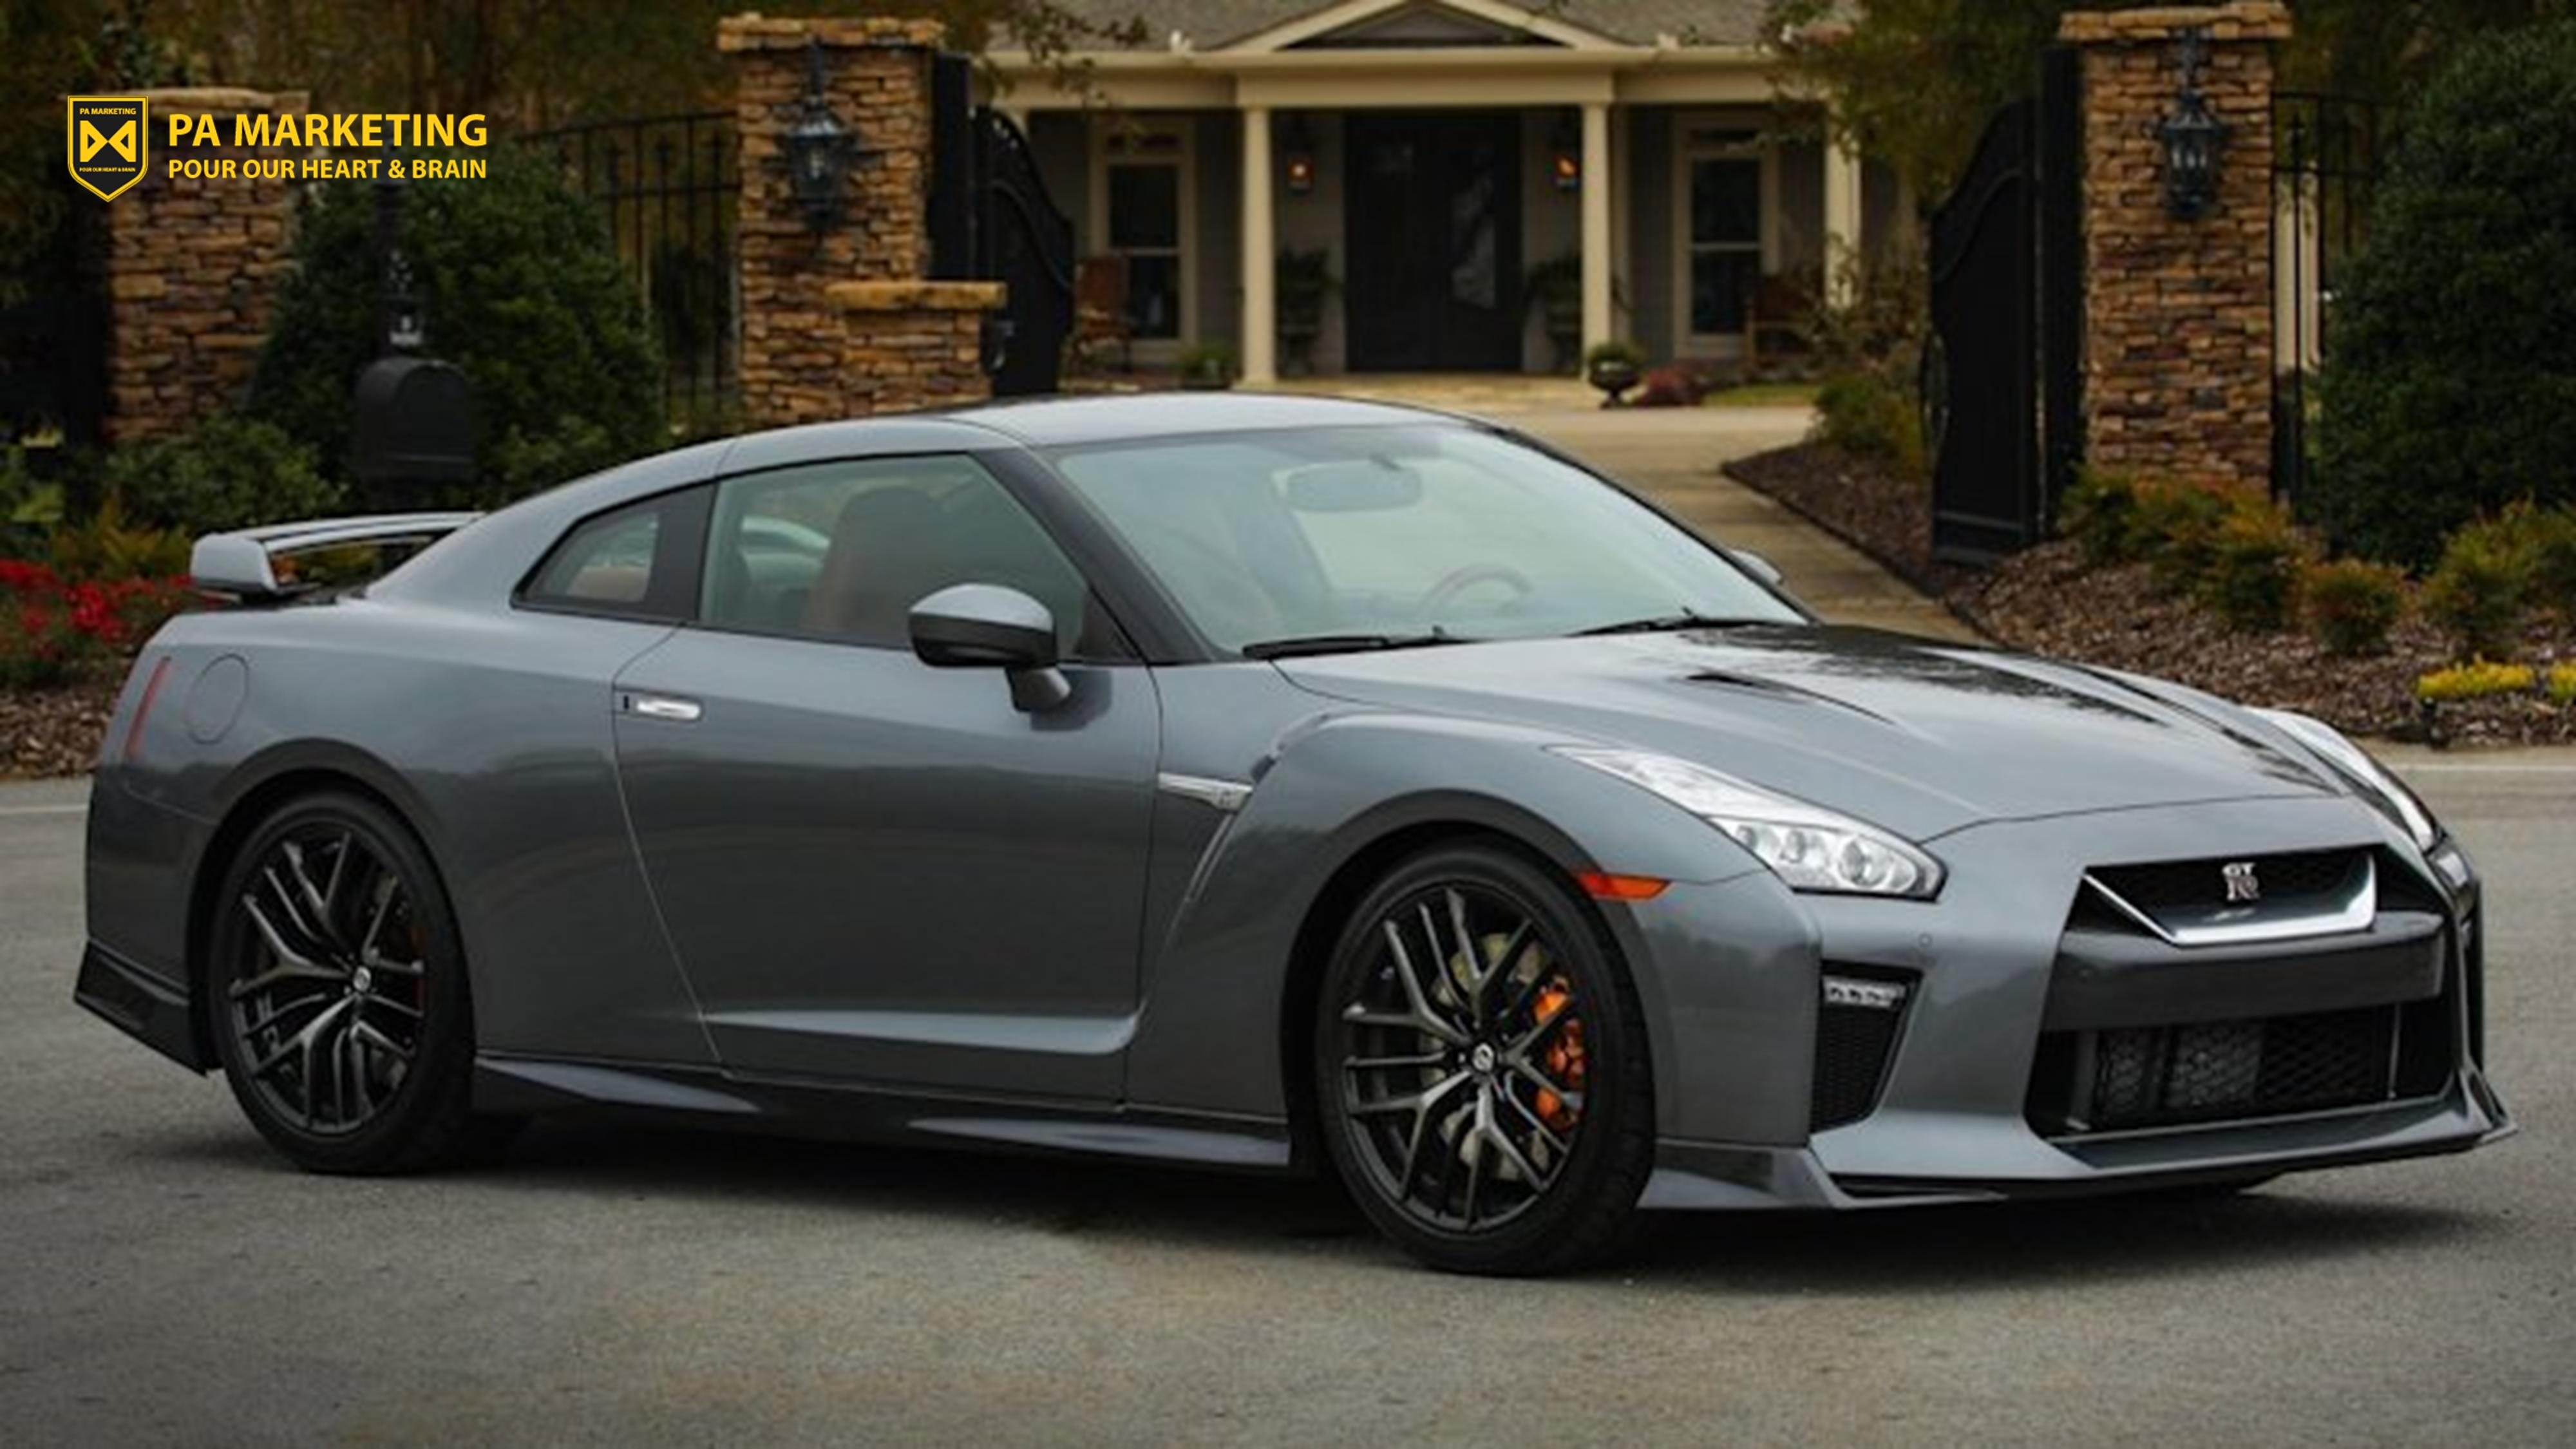 Mô hình kinh doanh đăng ký hai tầng của Nissan bao gồm GTR-R (hạng hai 899$/tháng)